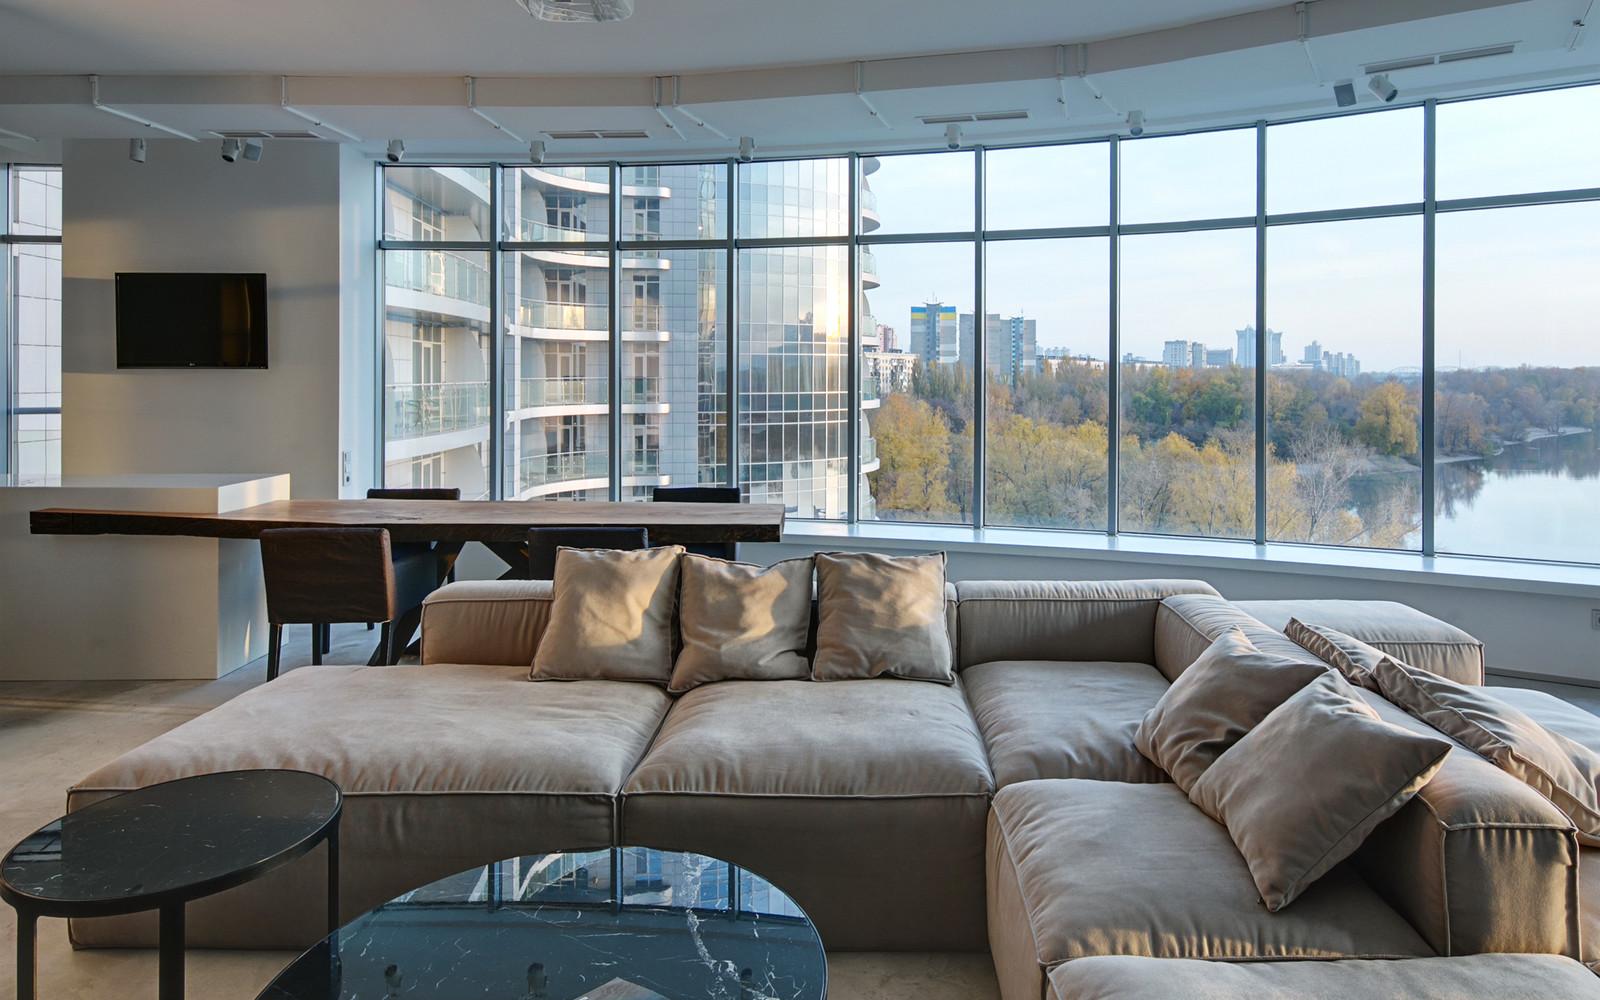 панорамни прозорци и свобода в просторния градски апартамент_13